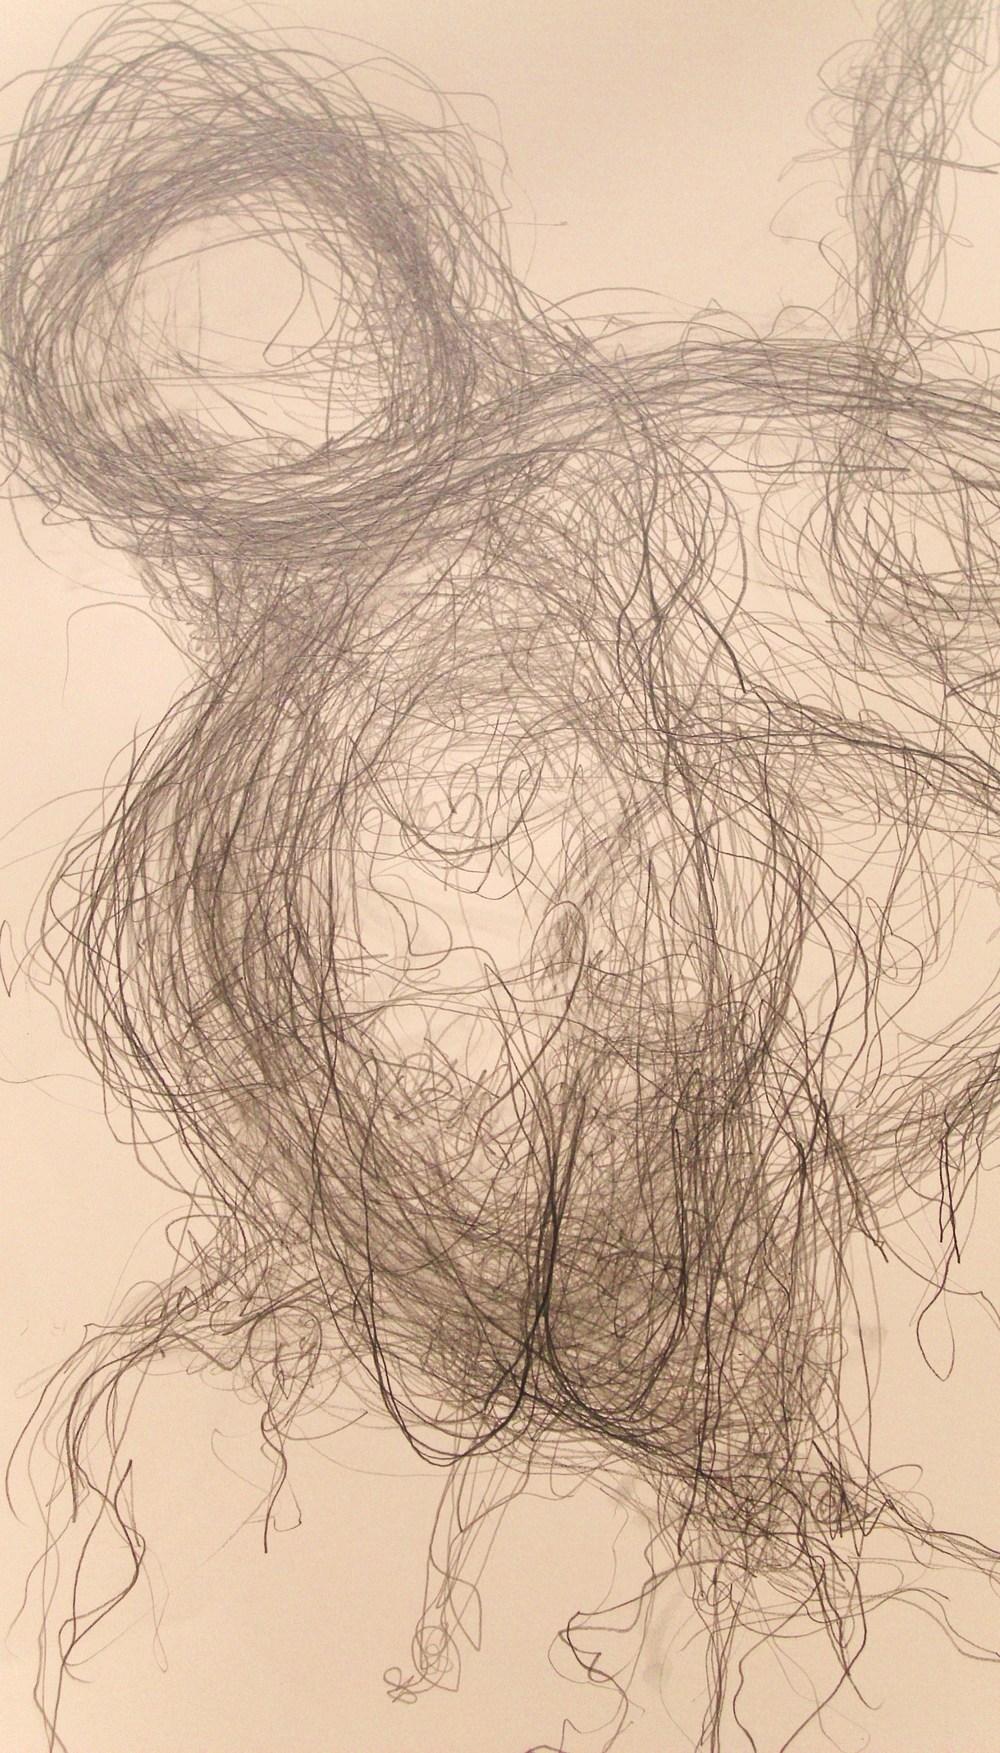 Sheeps wool Llanbrynmair (2012) - detail